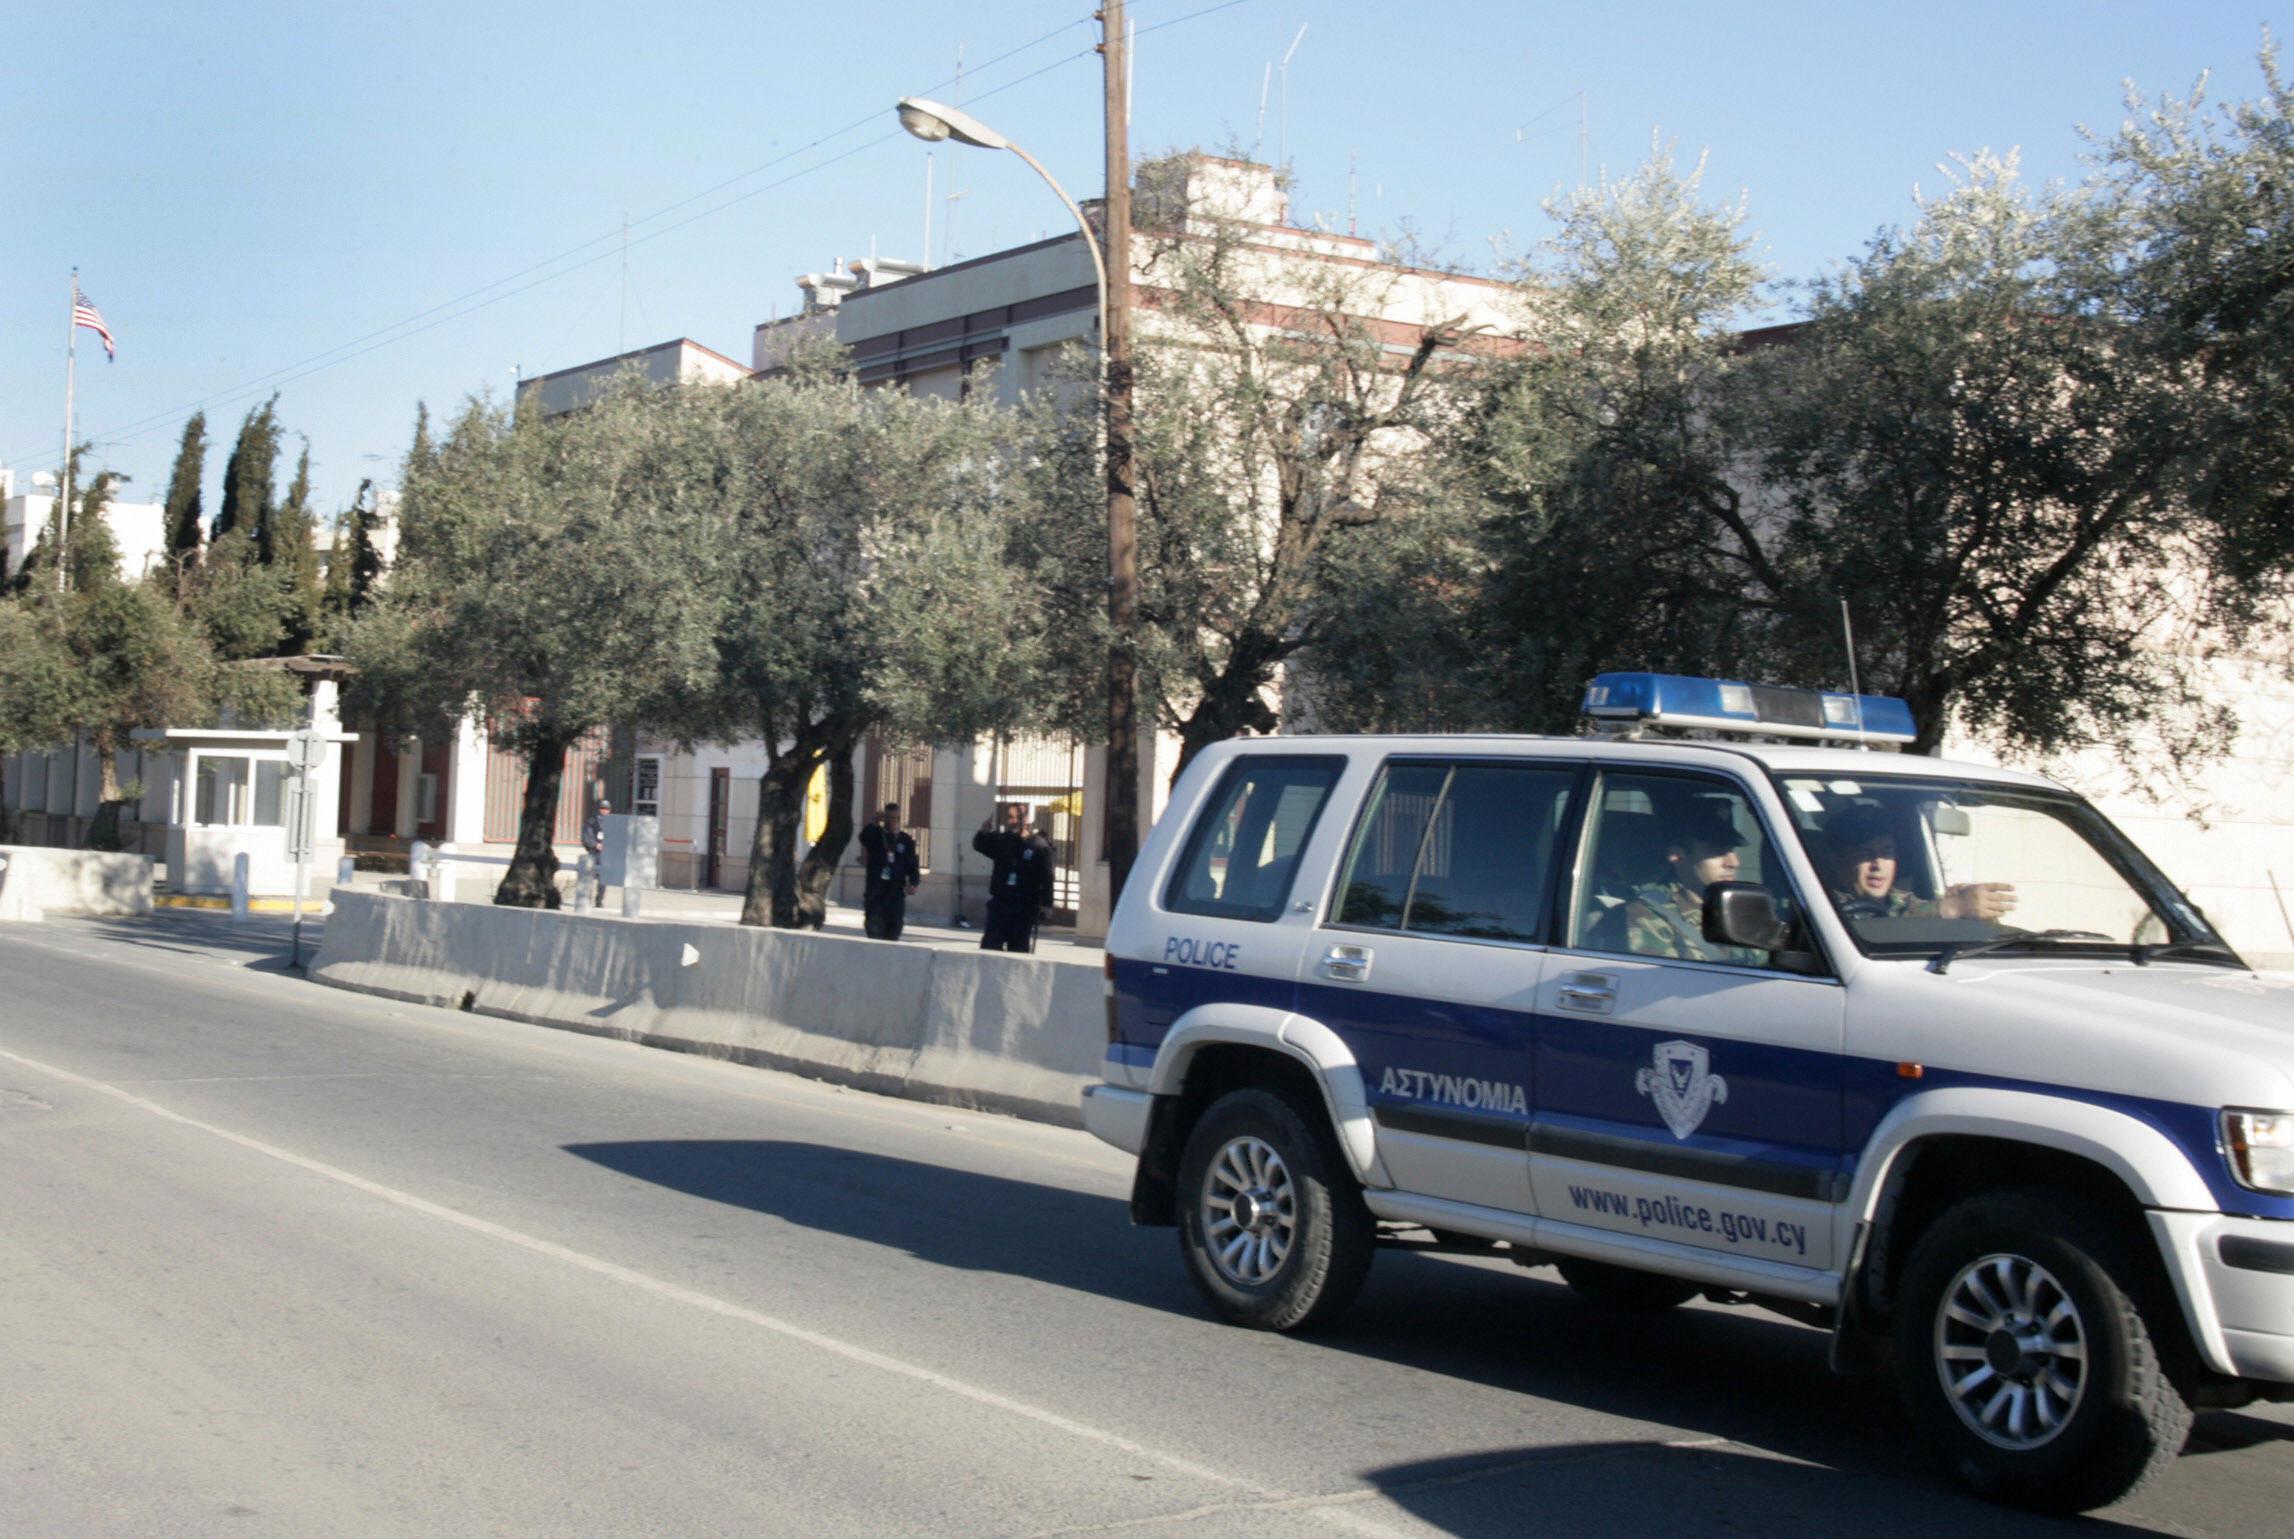 Κύπρος: Καταδίκη 17χρονου σε οκτώ χρόνια φυλάκισης για τον βιασμό